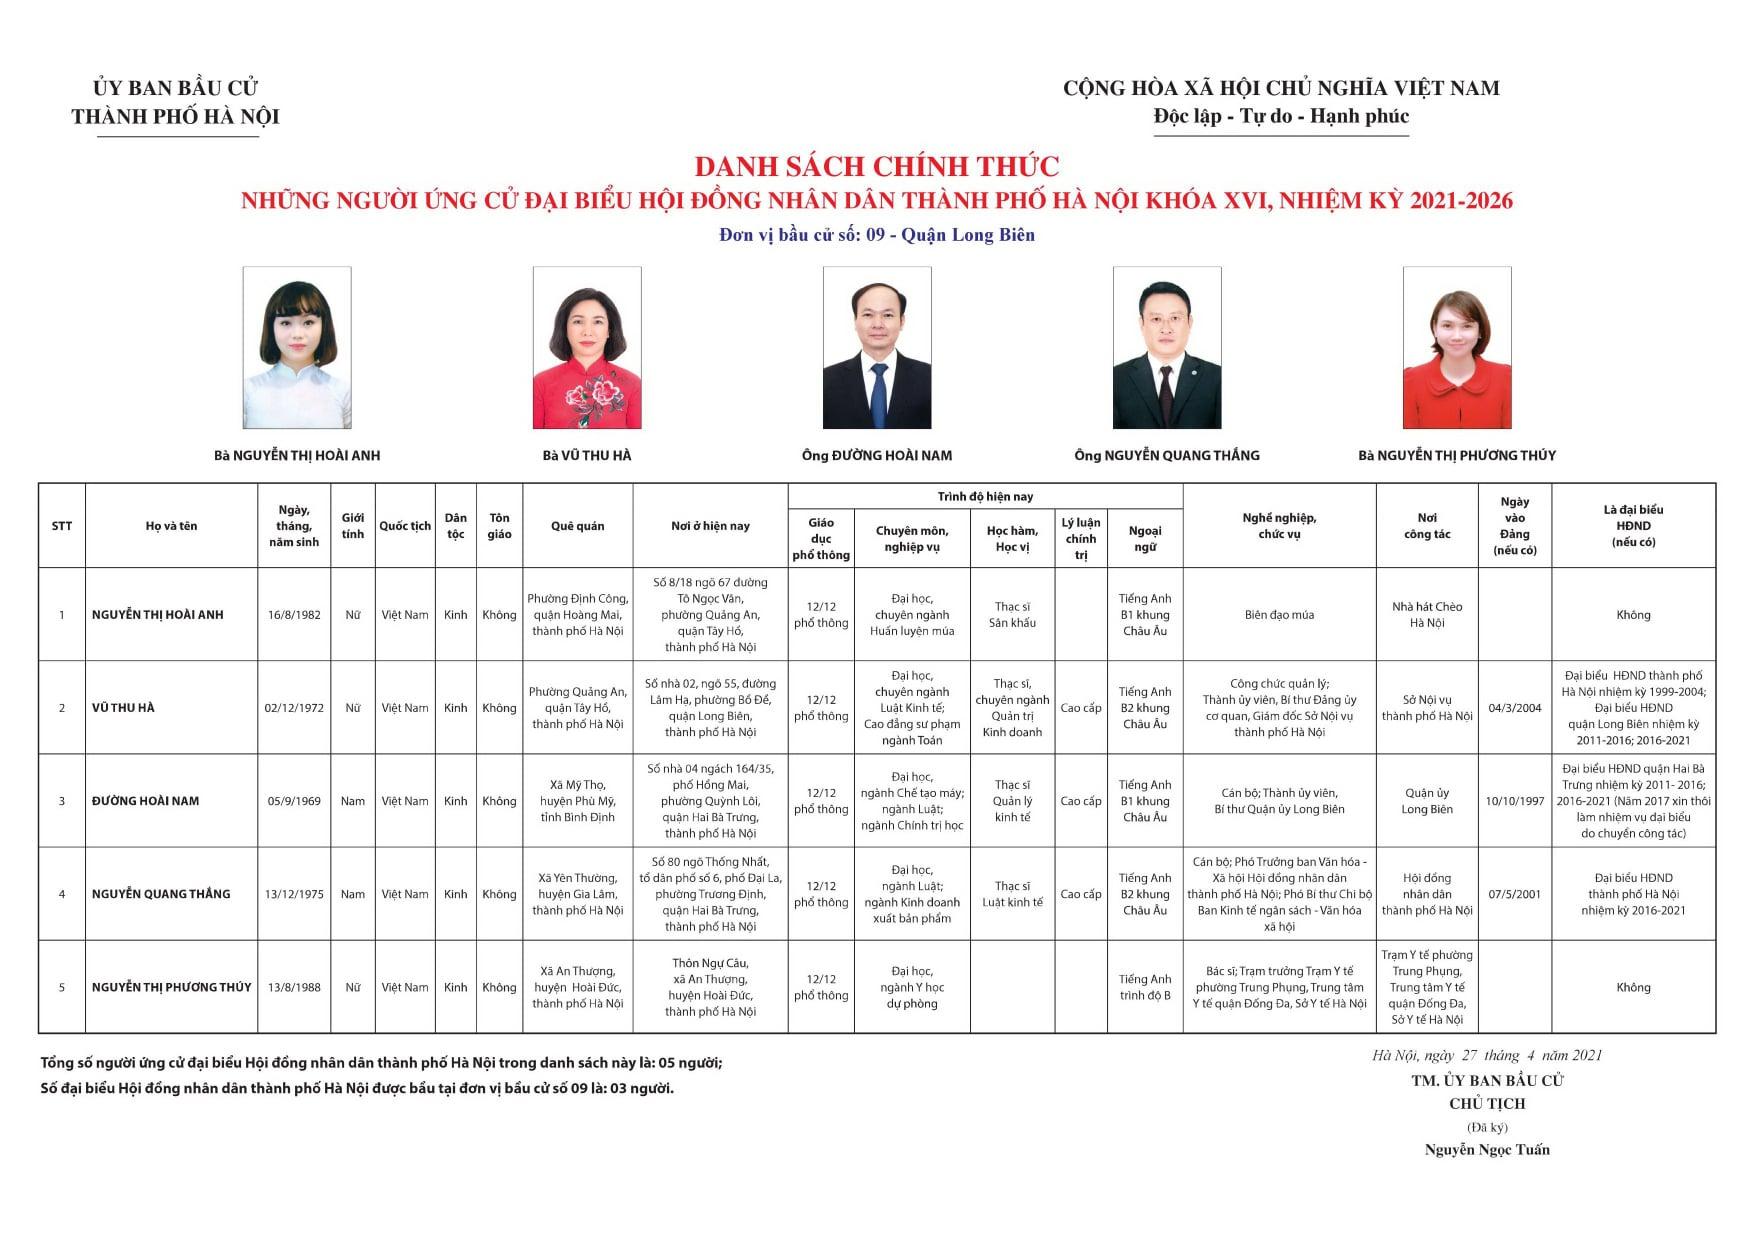 http://bode.longbien.hanoi.gov.vn/documents/633567/10136265/%E1%BA%A2nh+danh+s%C3%A1ch+%C4%91%E1%BA%A1i+bi%E1%BB%83u+H%C4%90ND+c%E1%BA%A5p+th%C3%A0nh+ph%E1%BB%91.jpg/4b0acdd0-4864-4ea6-99f0-dd98bdec44f8?t=1621398662337